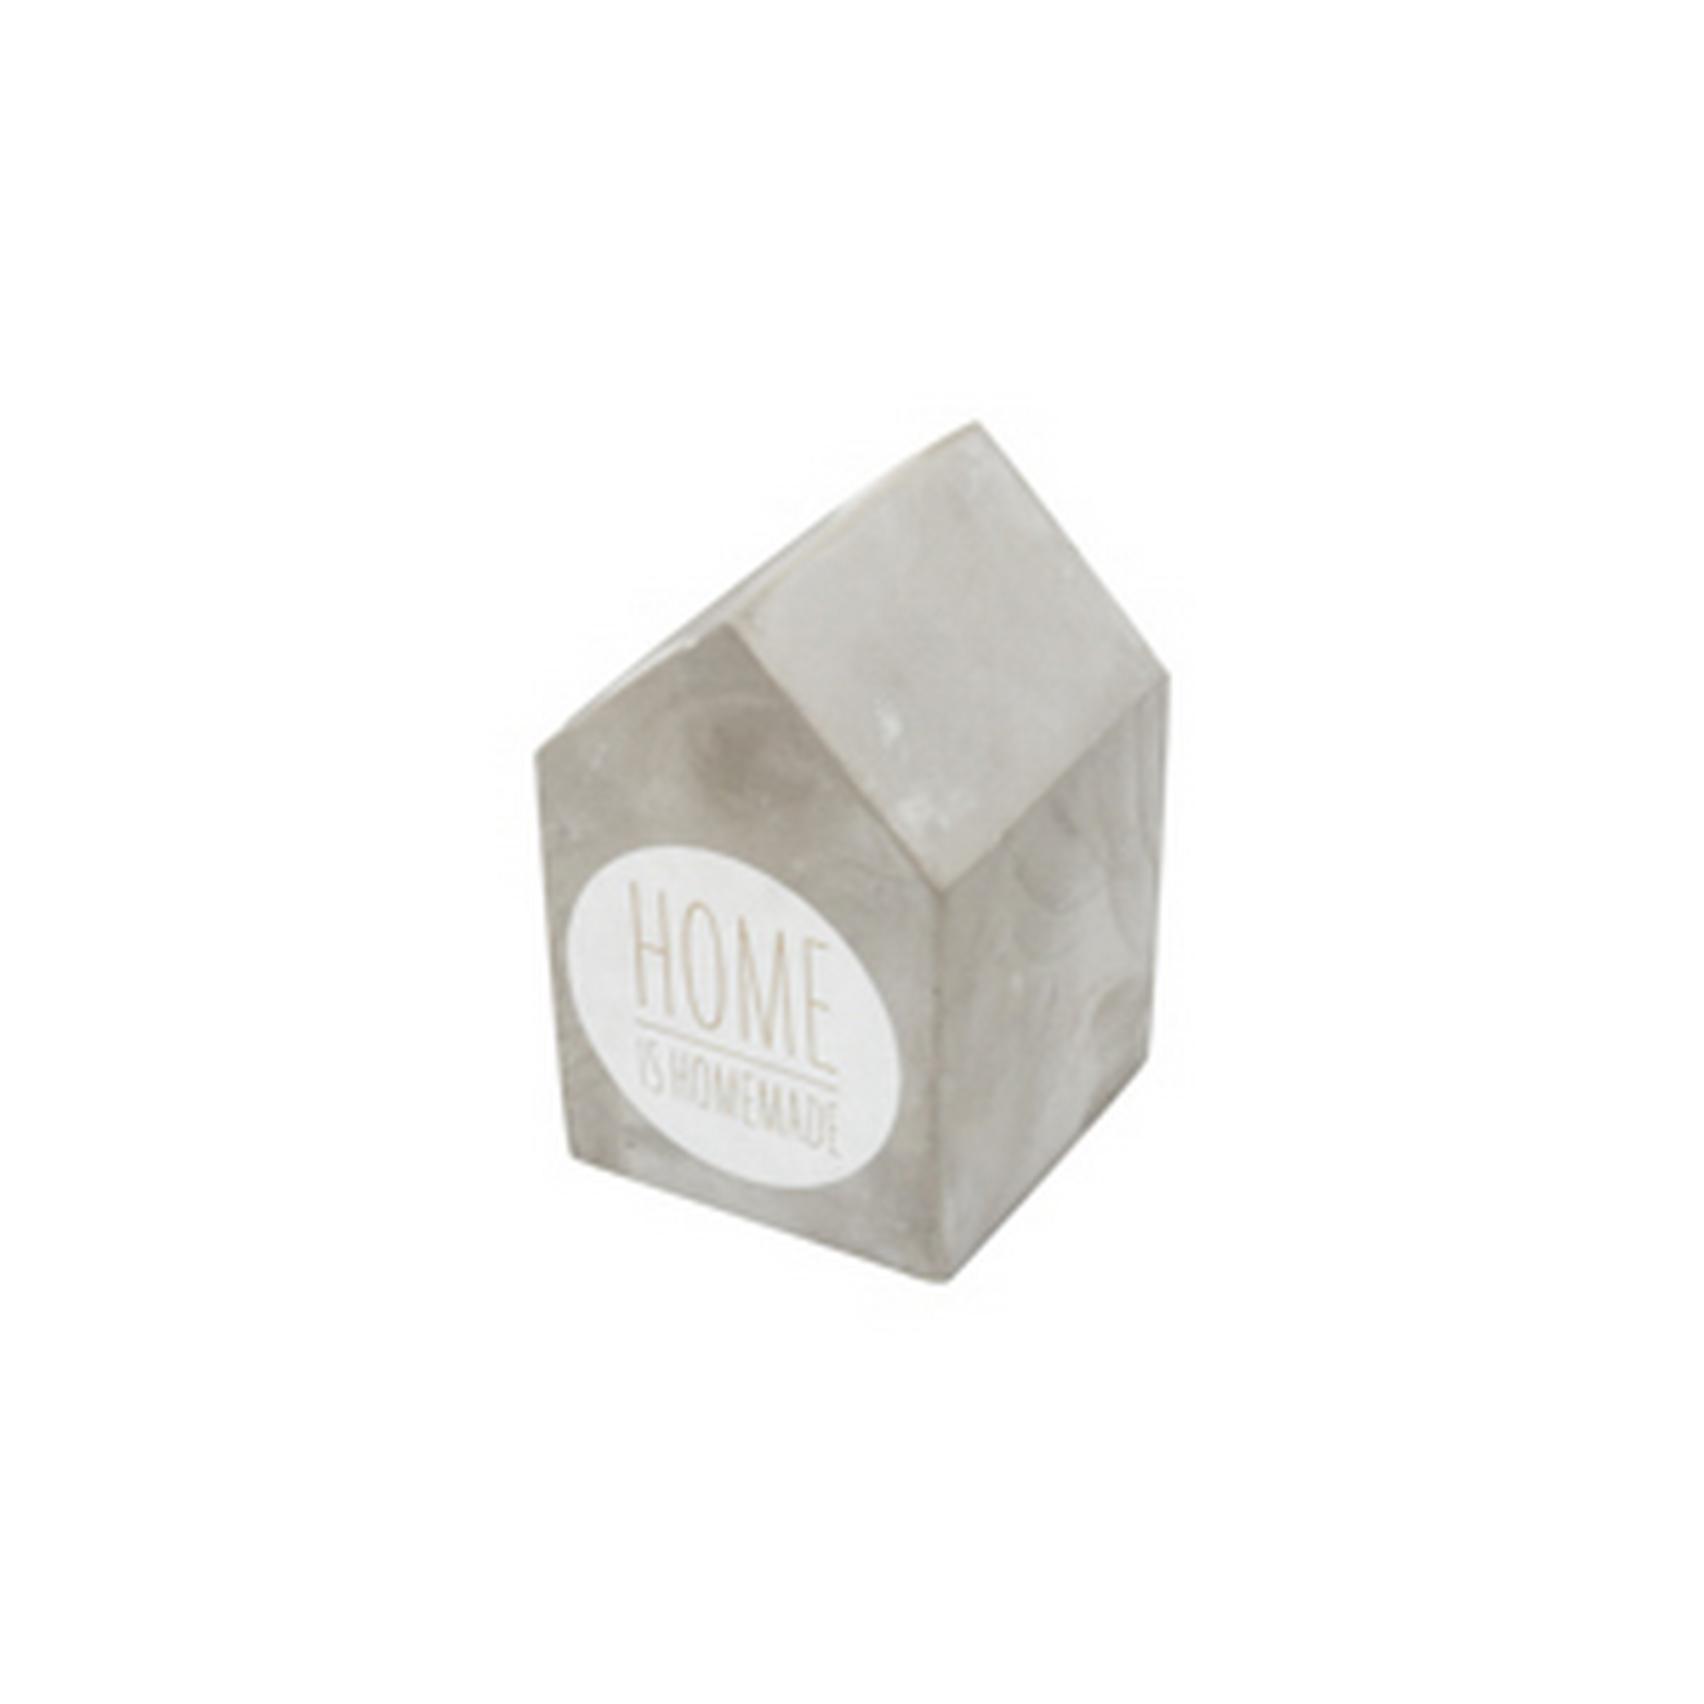 Decoração Cimento Home Is Homemade Cinza 8.5X8.5X13Cm - Urban